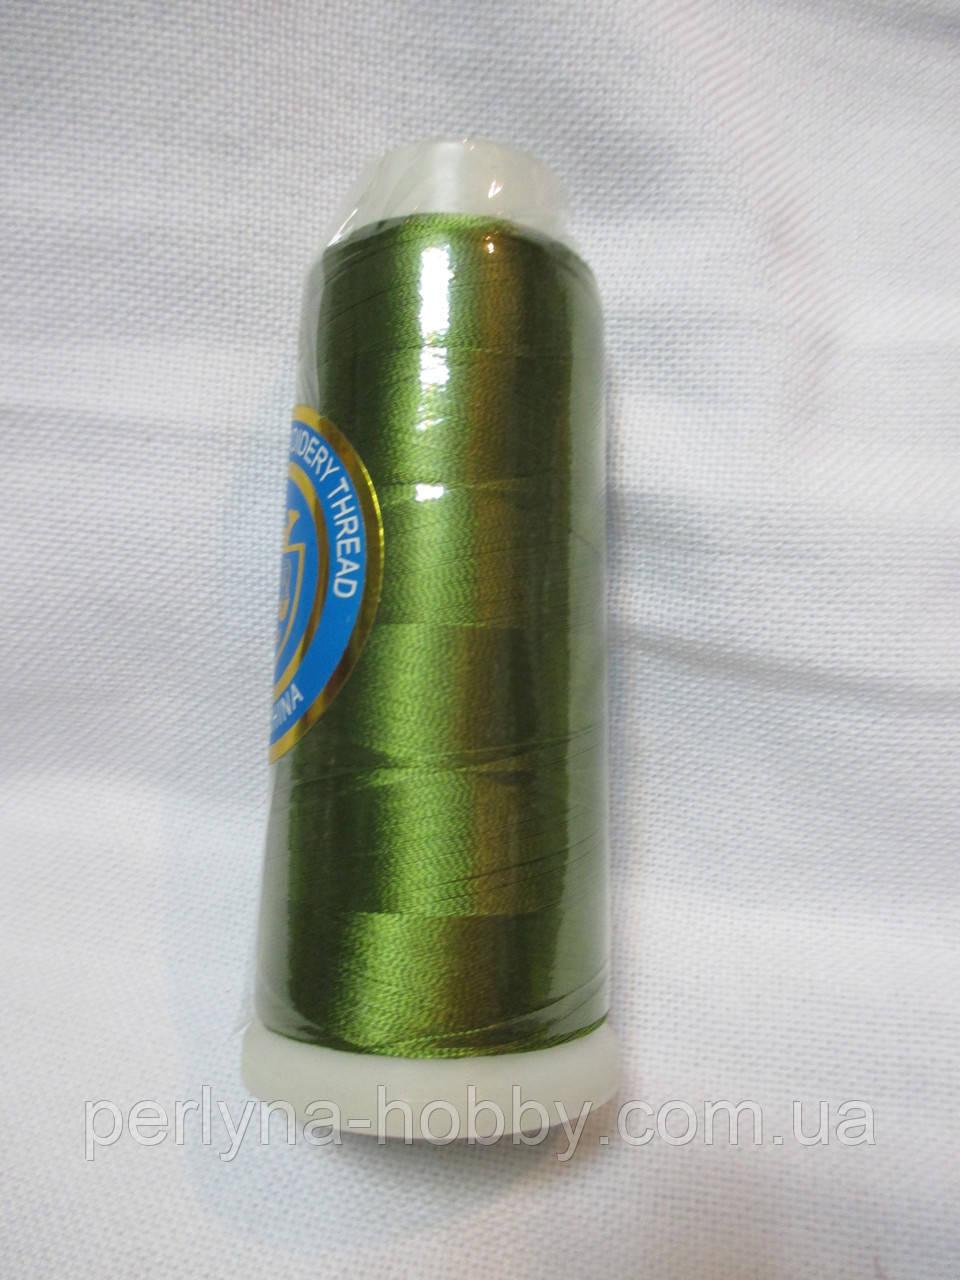 Нитки для машинної вишики 100% віскоза (100% rayon) 3000 ярдів, №223, зелений-хакі